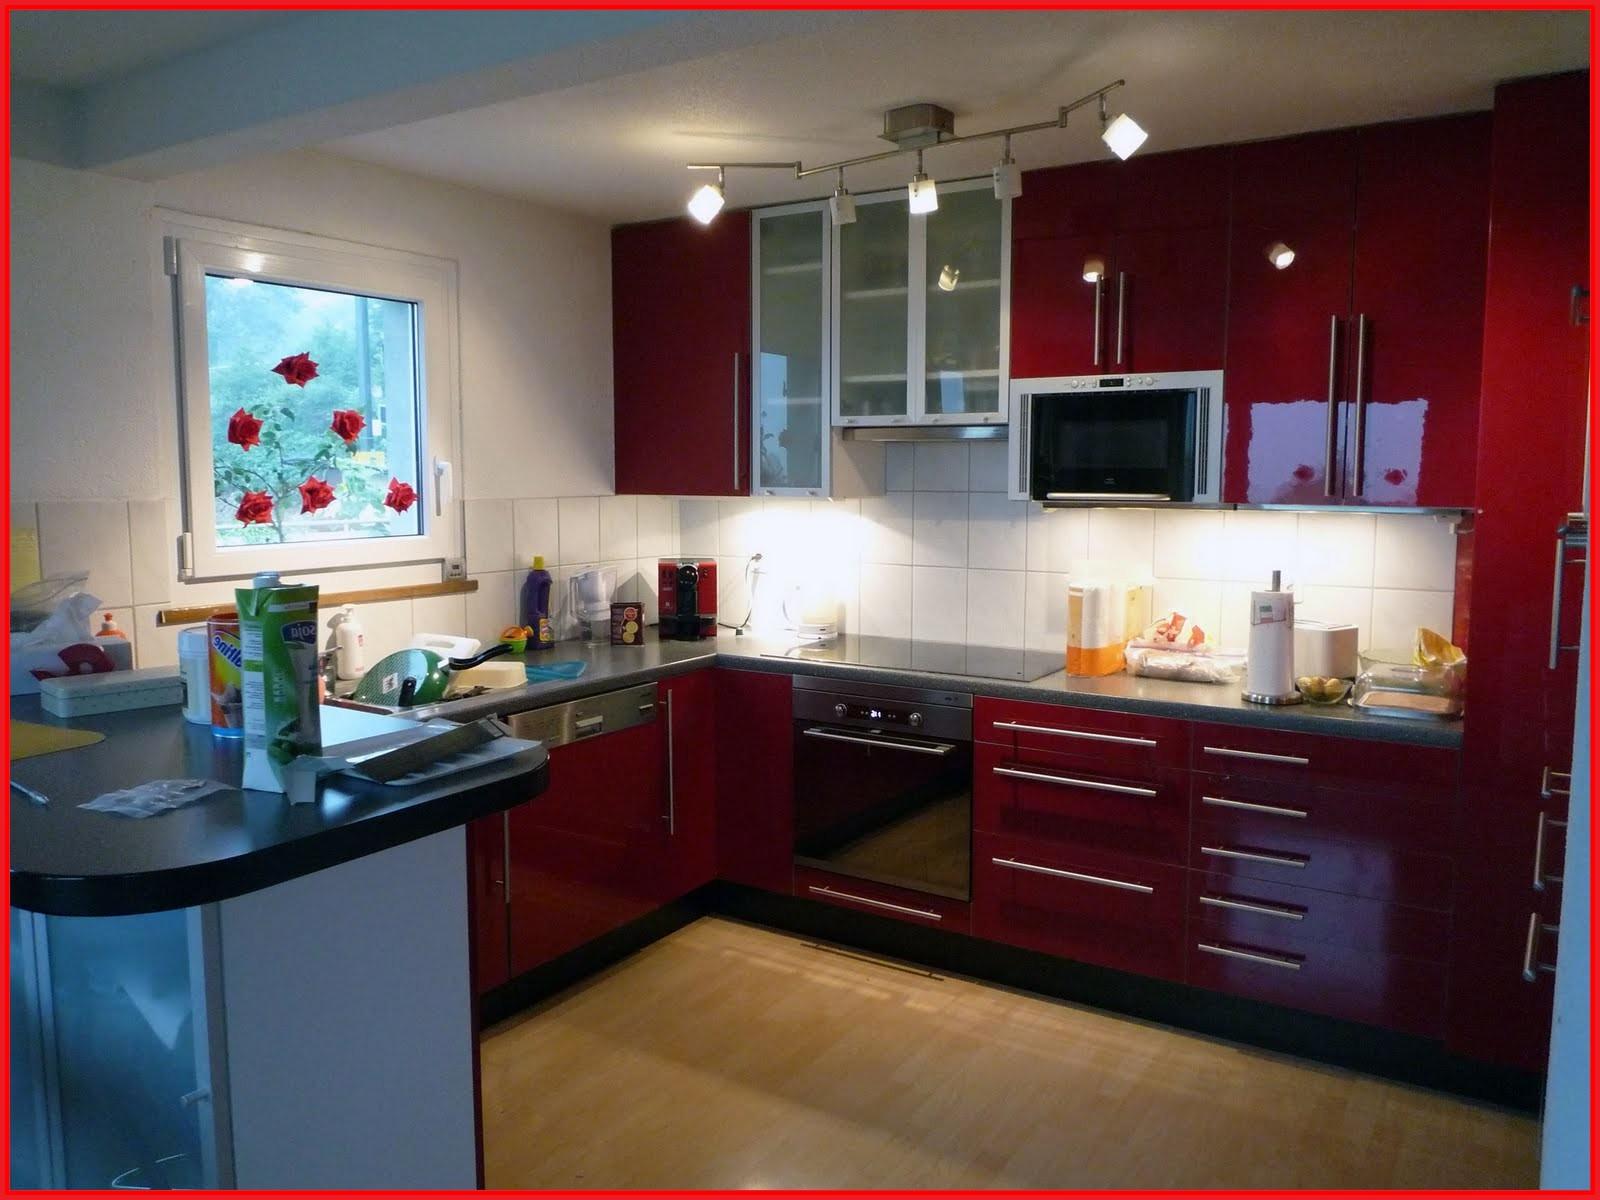 Precio Muebles De Cocina Etdg Cocinas Muebles Precios Muebles De Cocina Baratos Precio